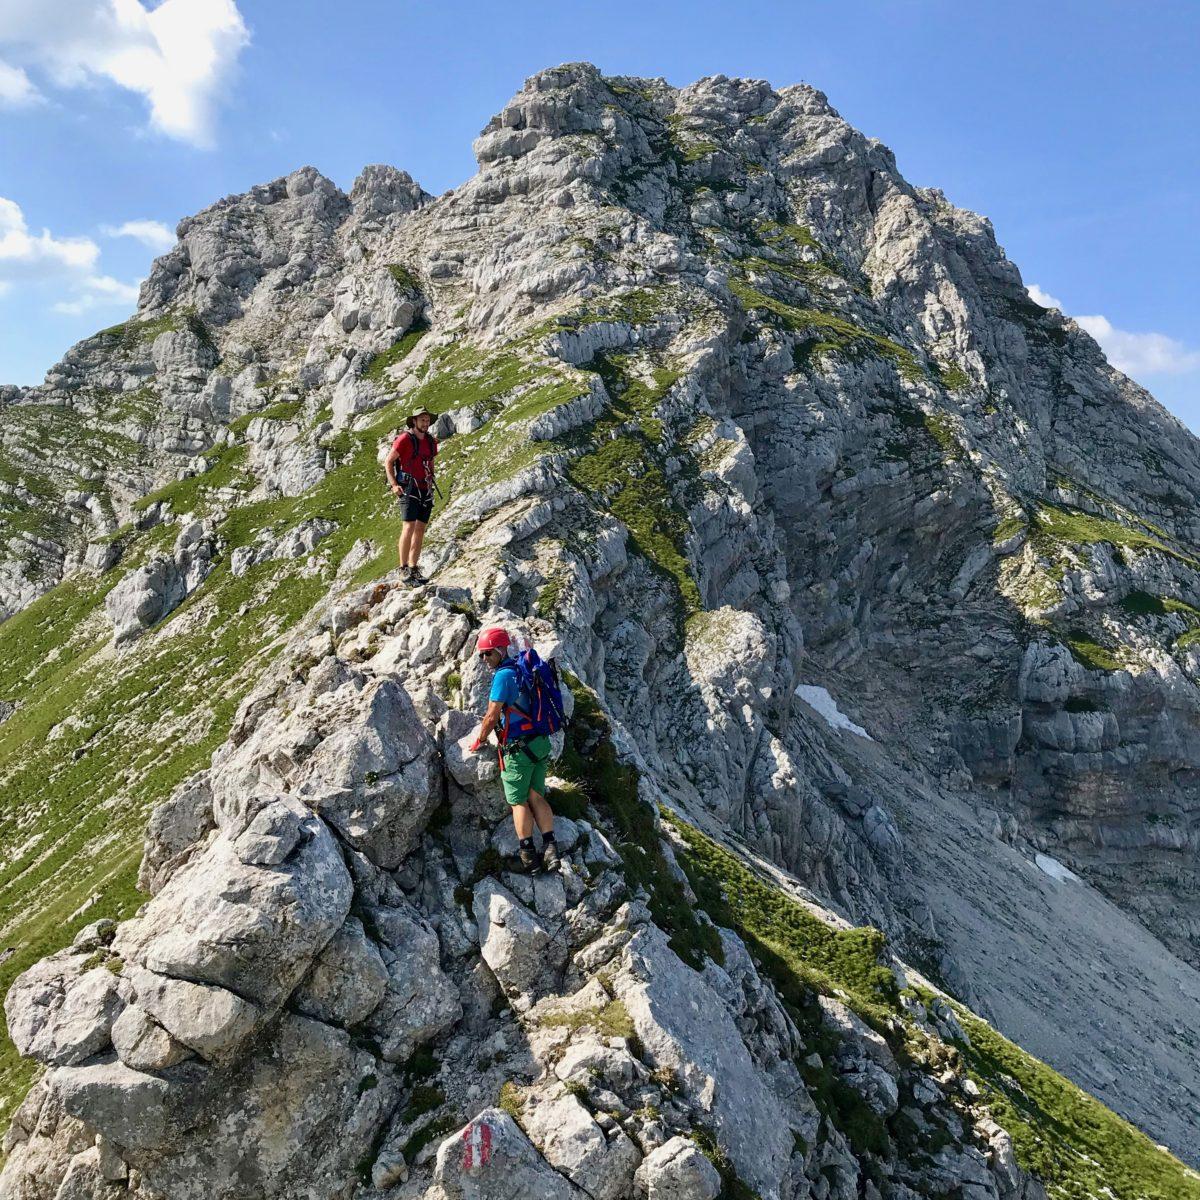 Der letzte Aufschwung im Klettersteig